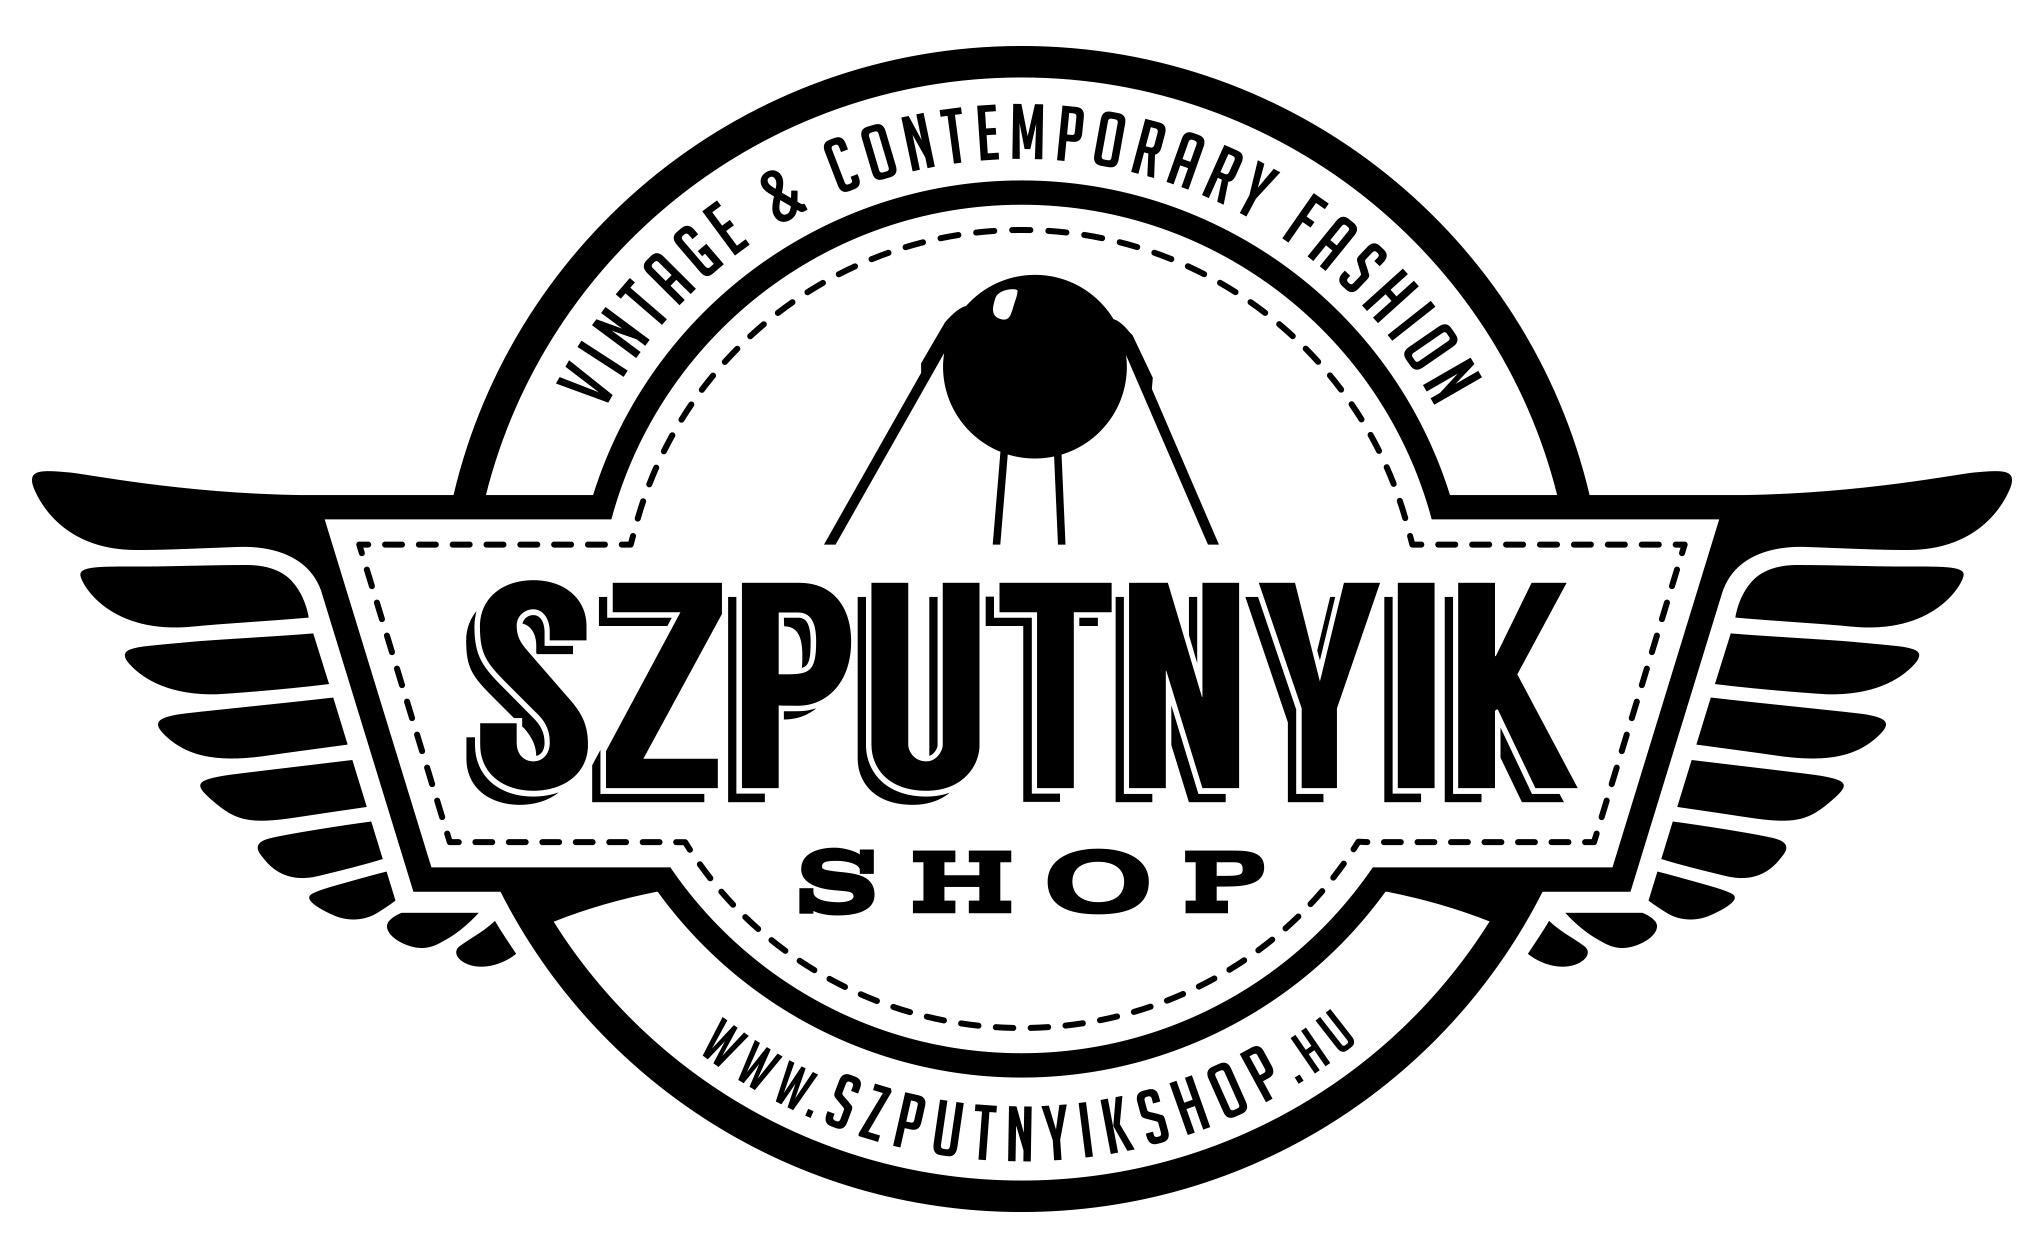 szputnyik_logo.jpg